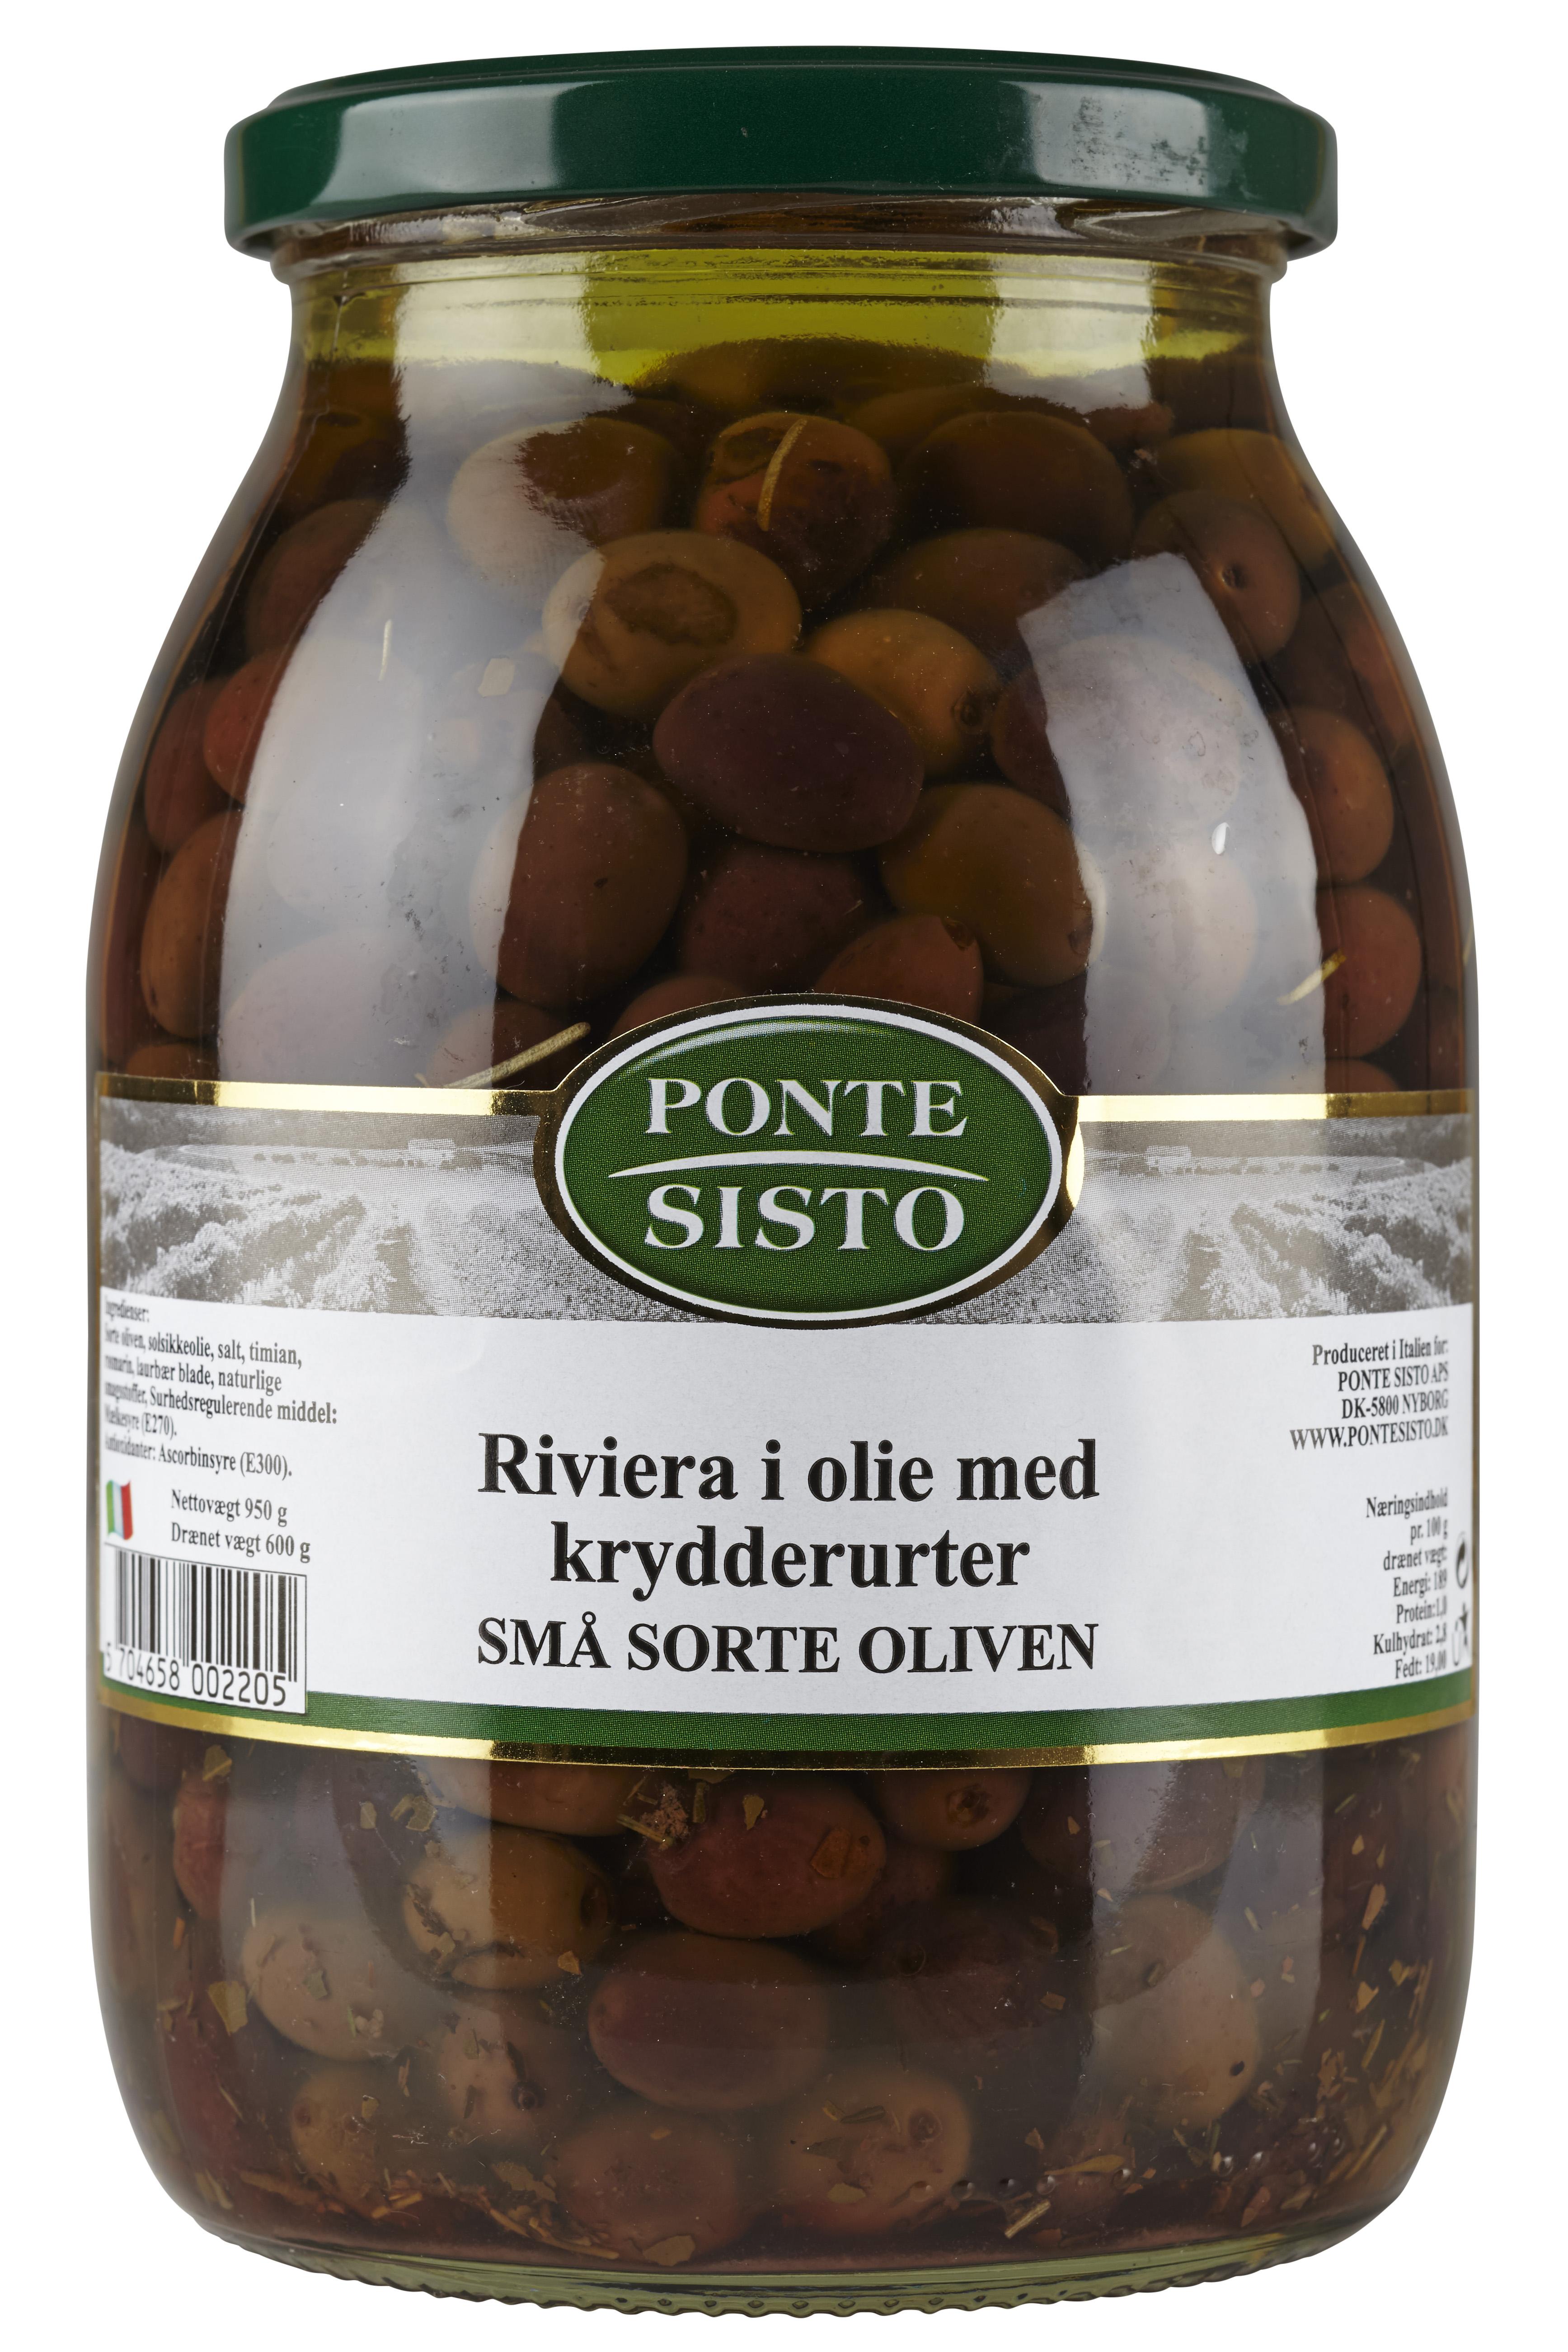 oliven næringsindhold